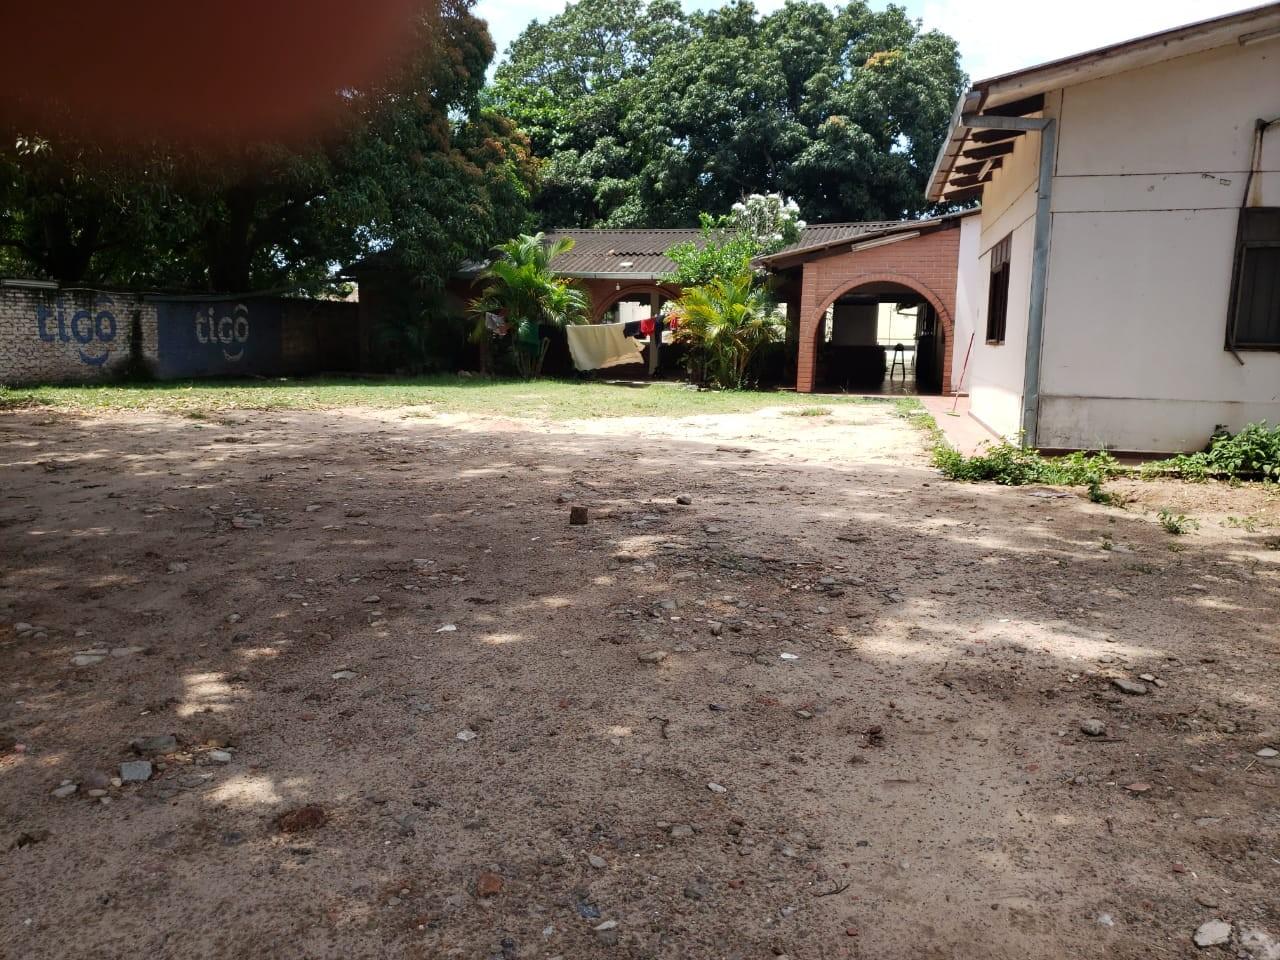 Terreno en Venta Avenida Beni 6to anillo Foto 4